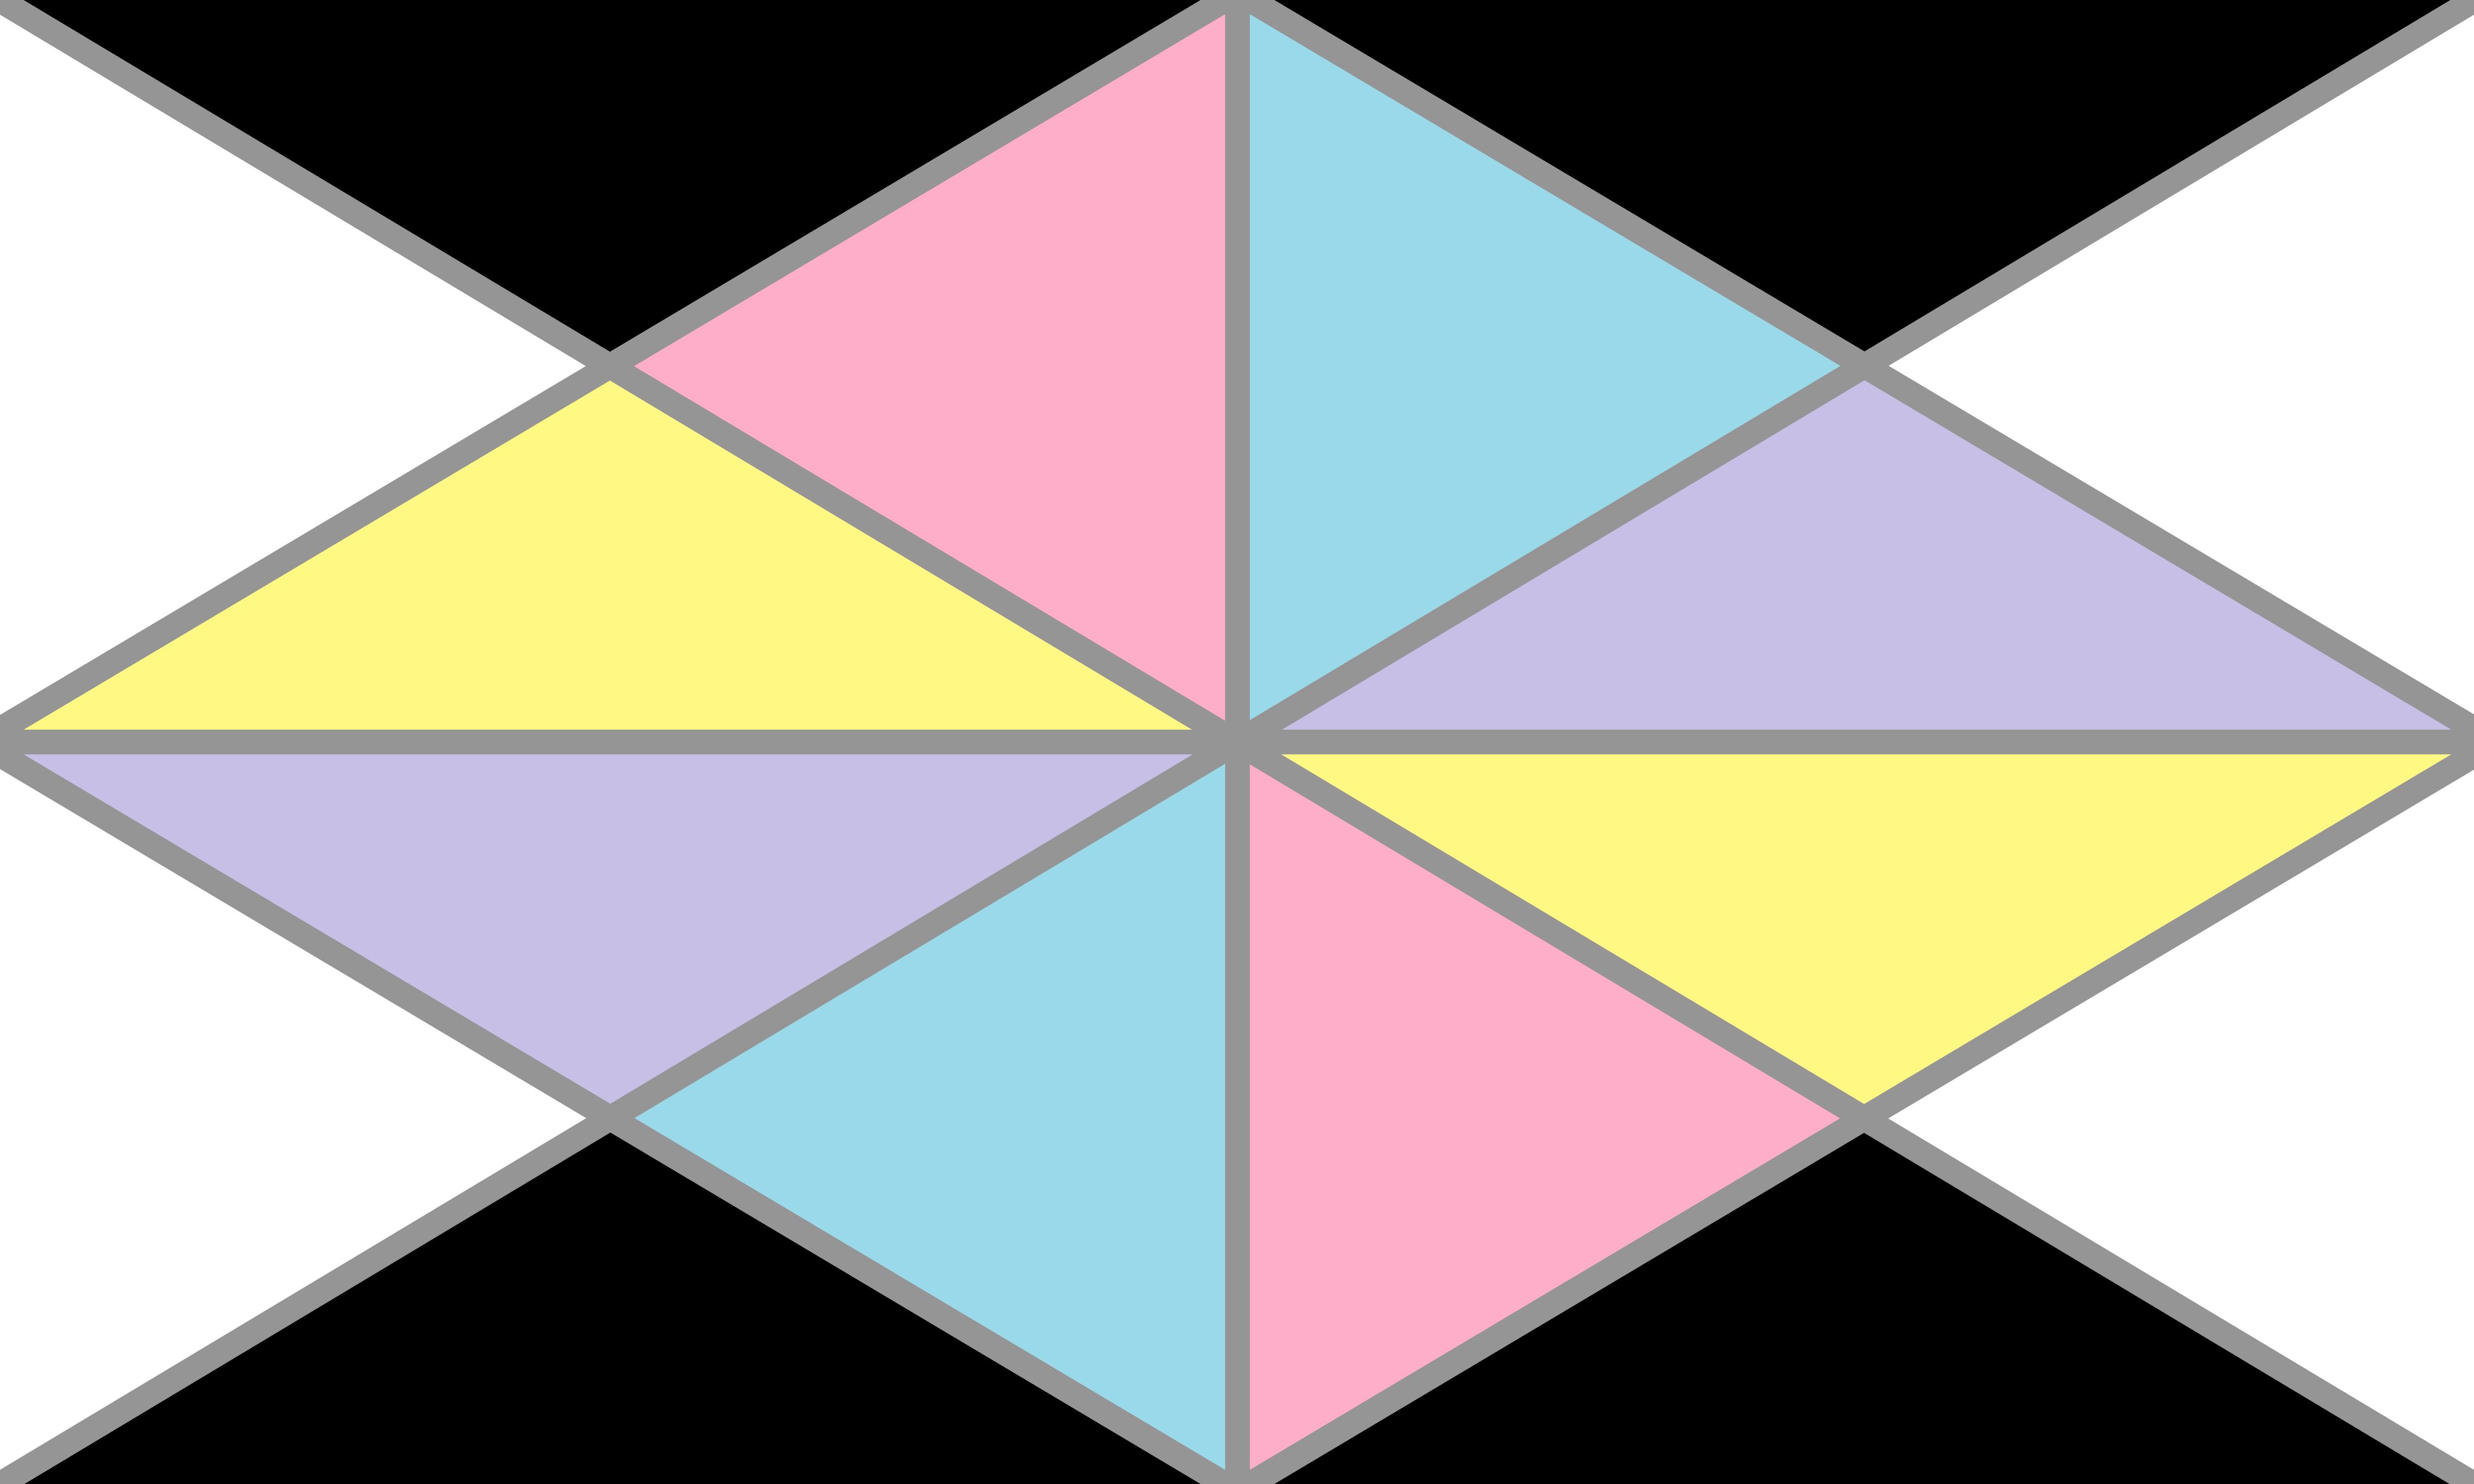 Mosaigender / Portiogender (1)